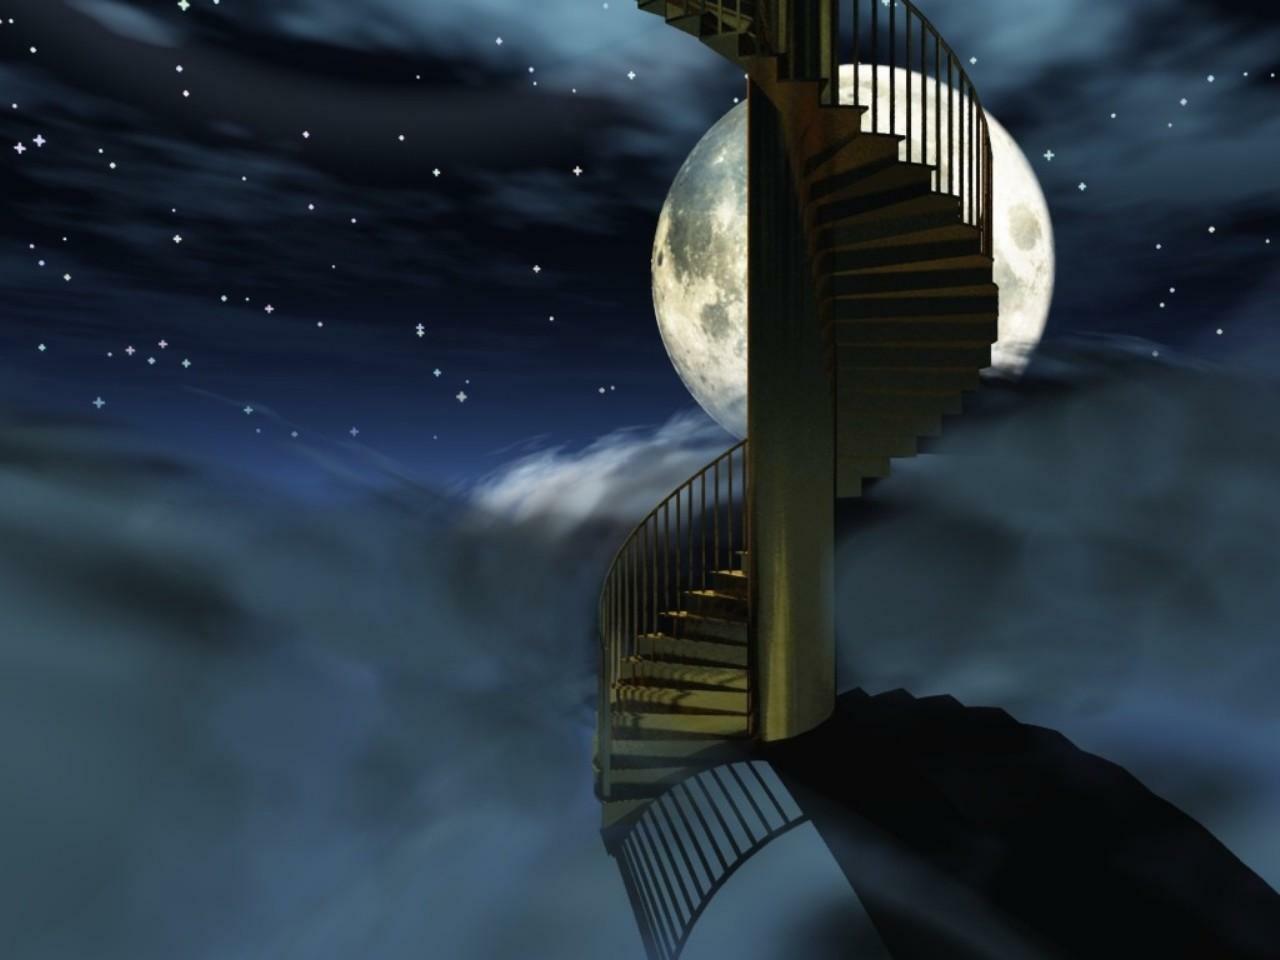 лестница в небо картинка для рабочего стола одна половина вас